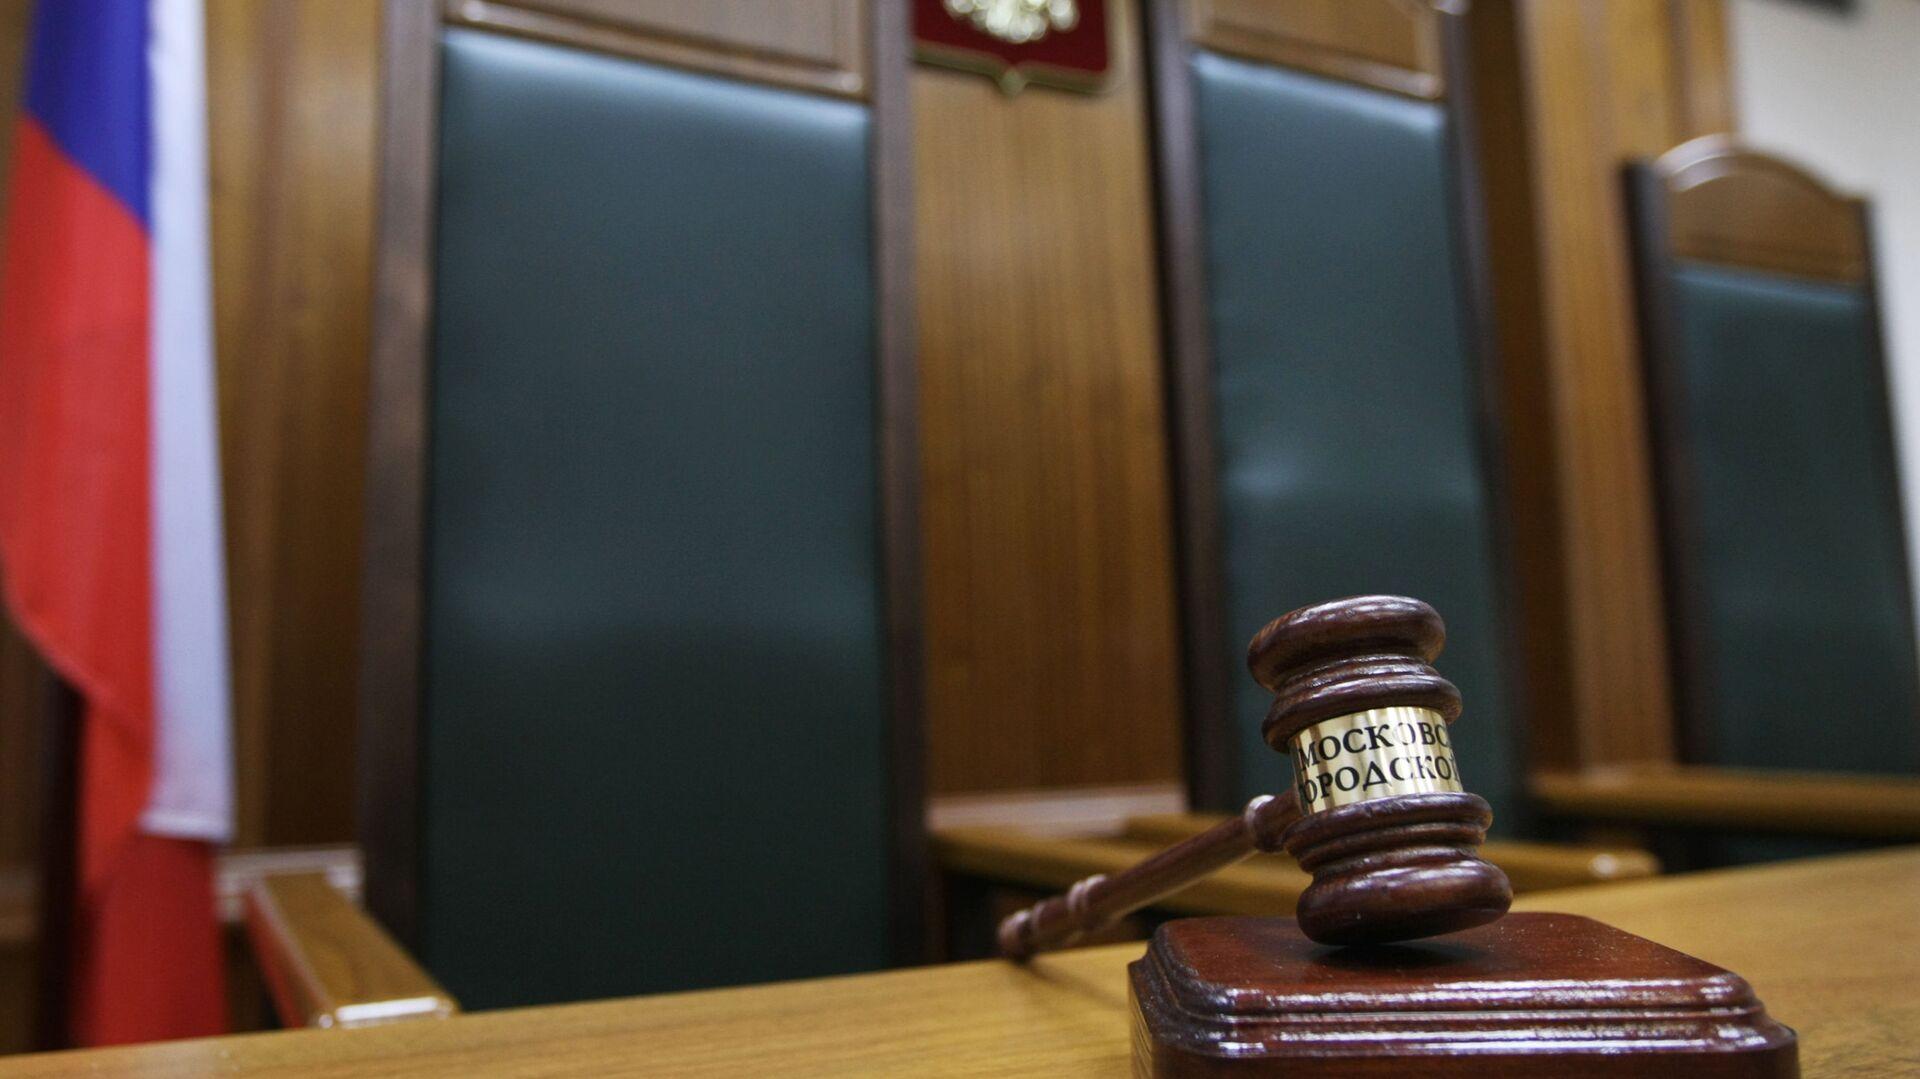 Кресло судьи в зале заседаний - РИА Новости, 1920, 13.10.2020